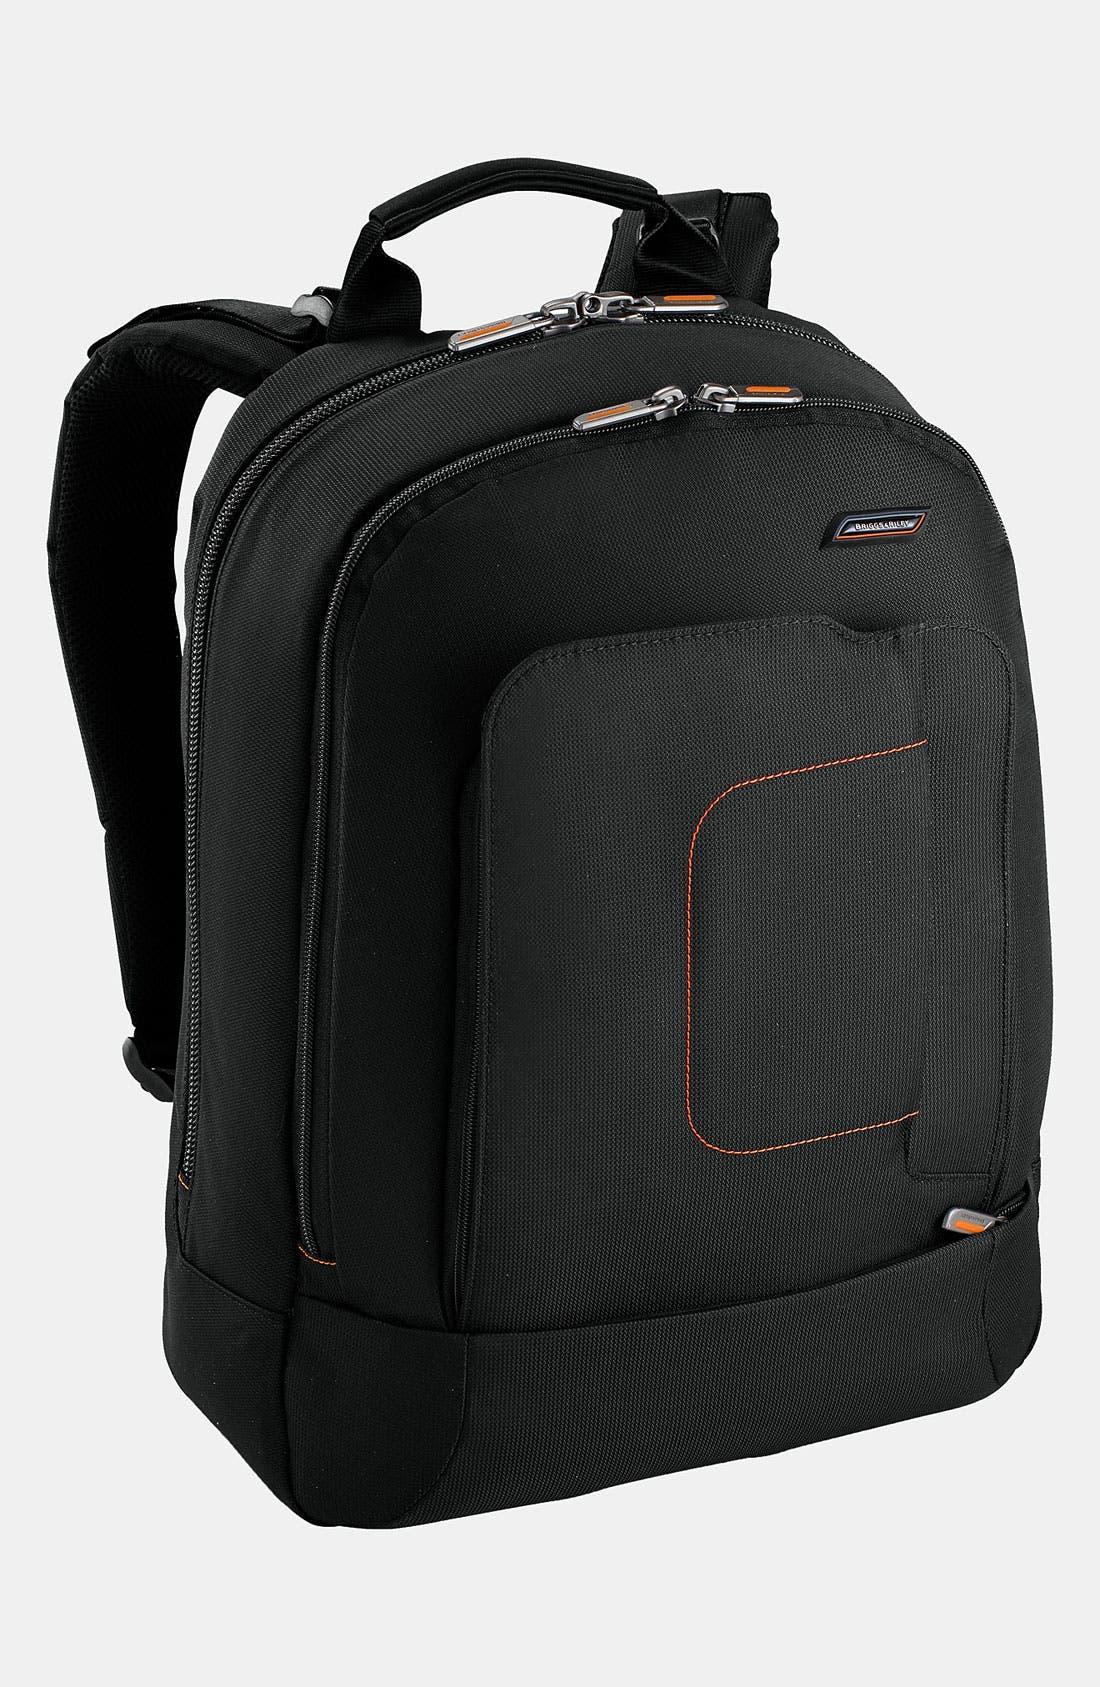 Alternate Image 1 Selected - Briggs & Riley 'Verb - Glide' Backpack